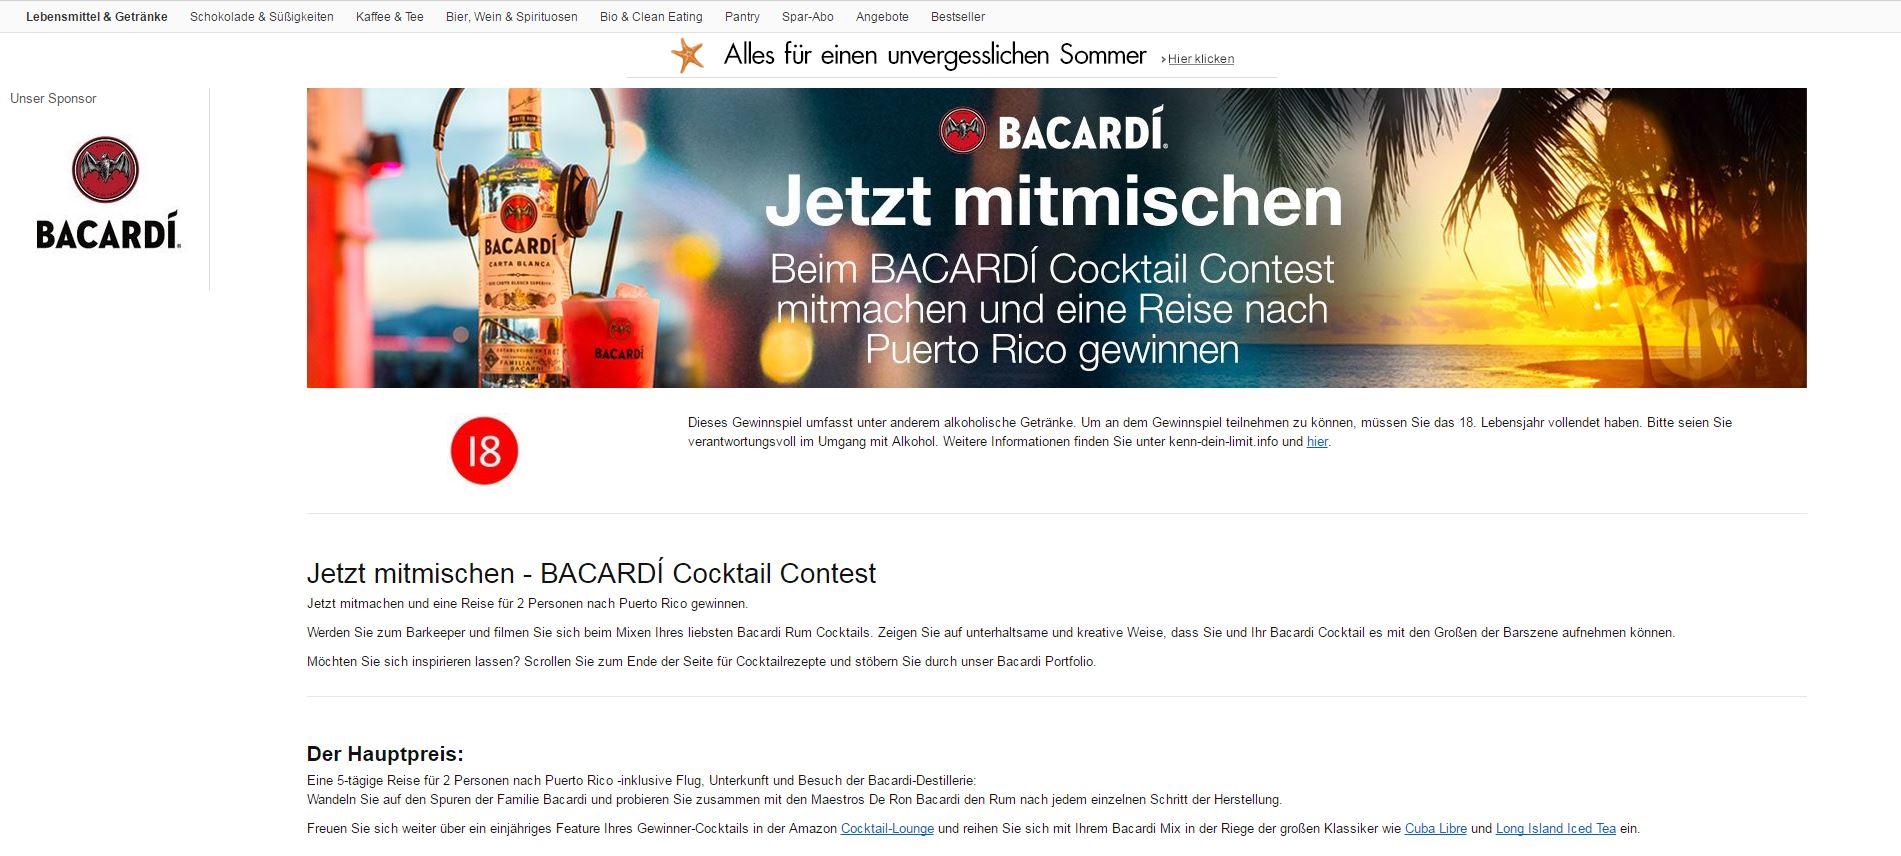 amazon gewinnspiel bacardi cocktail contest puerto rico reise gewinnen. Black Bedroom Furniture Sets. Home Design Ideas